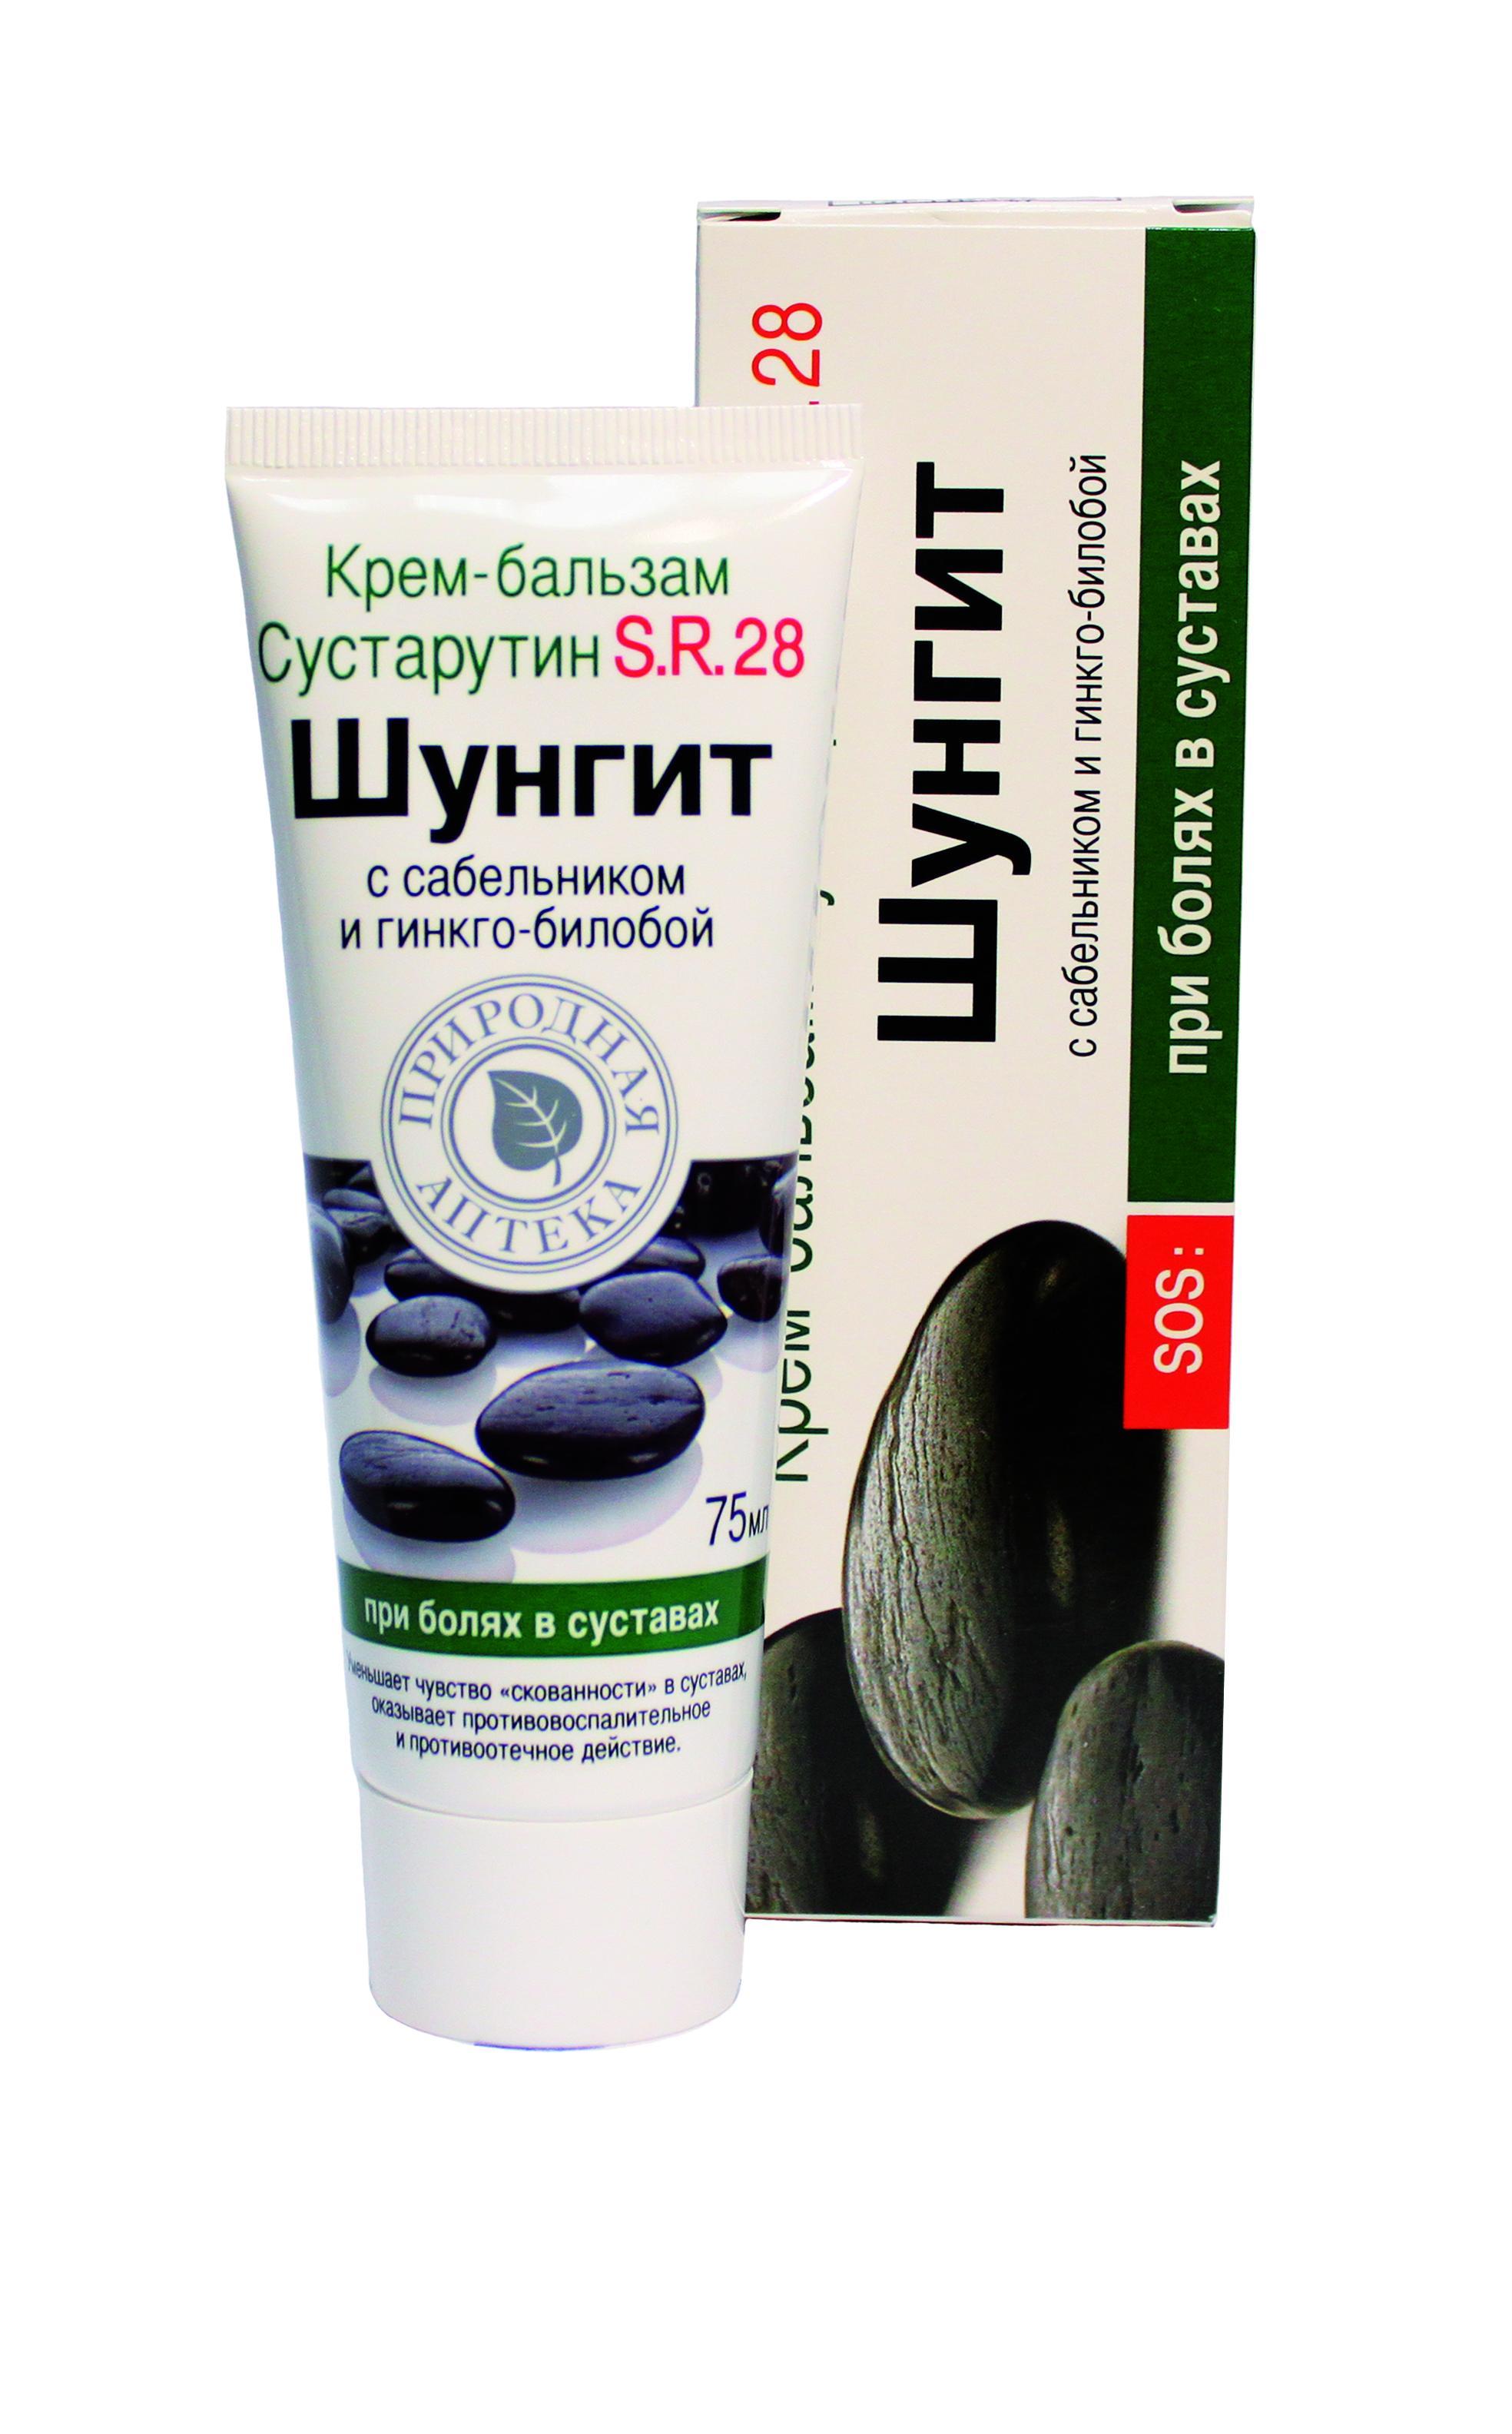 Крем-Бальзам Шунгит Сустарутин S.R.28 При болях в суставах